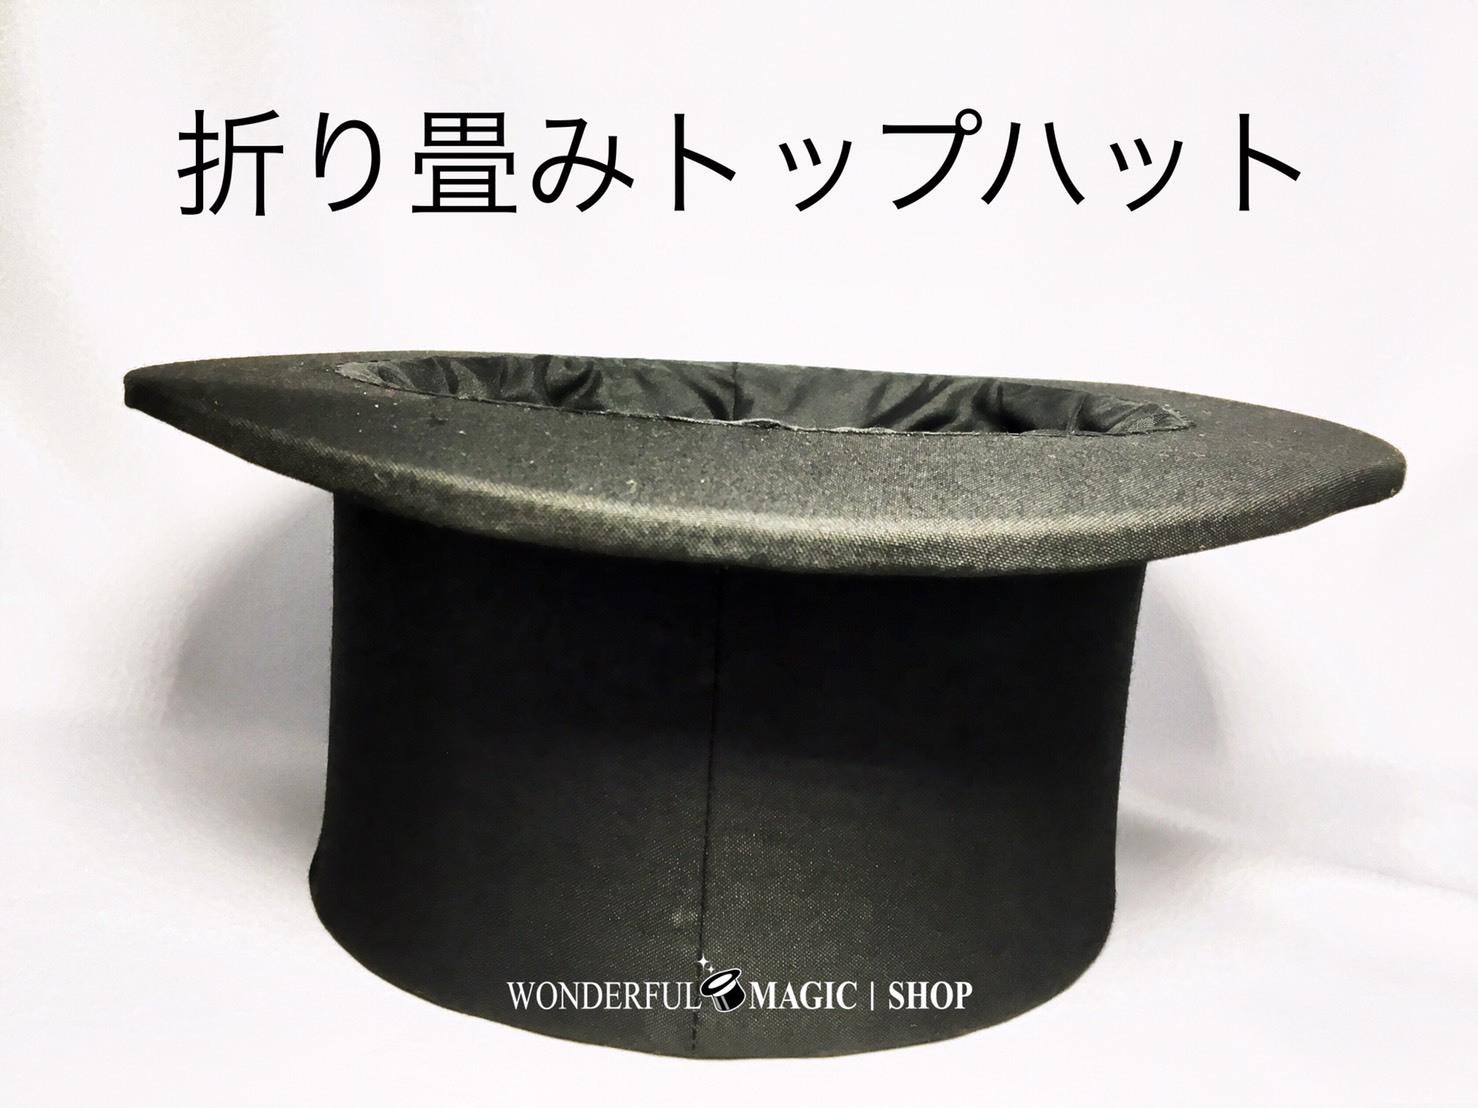 折り畳みトップハット(黒) Top Hat Collapsible Uday  ポンと開くマジシャンの帽子!